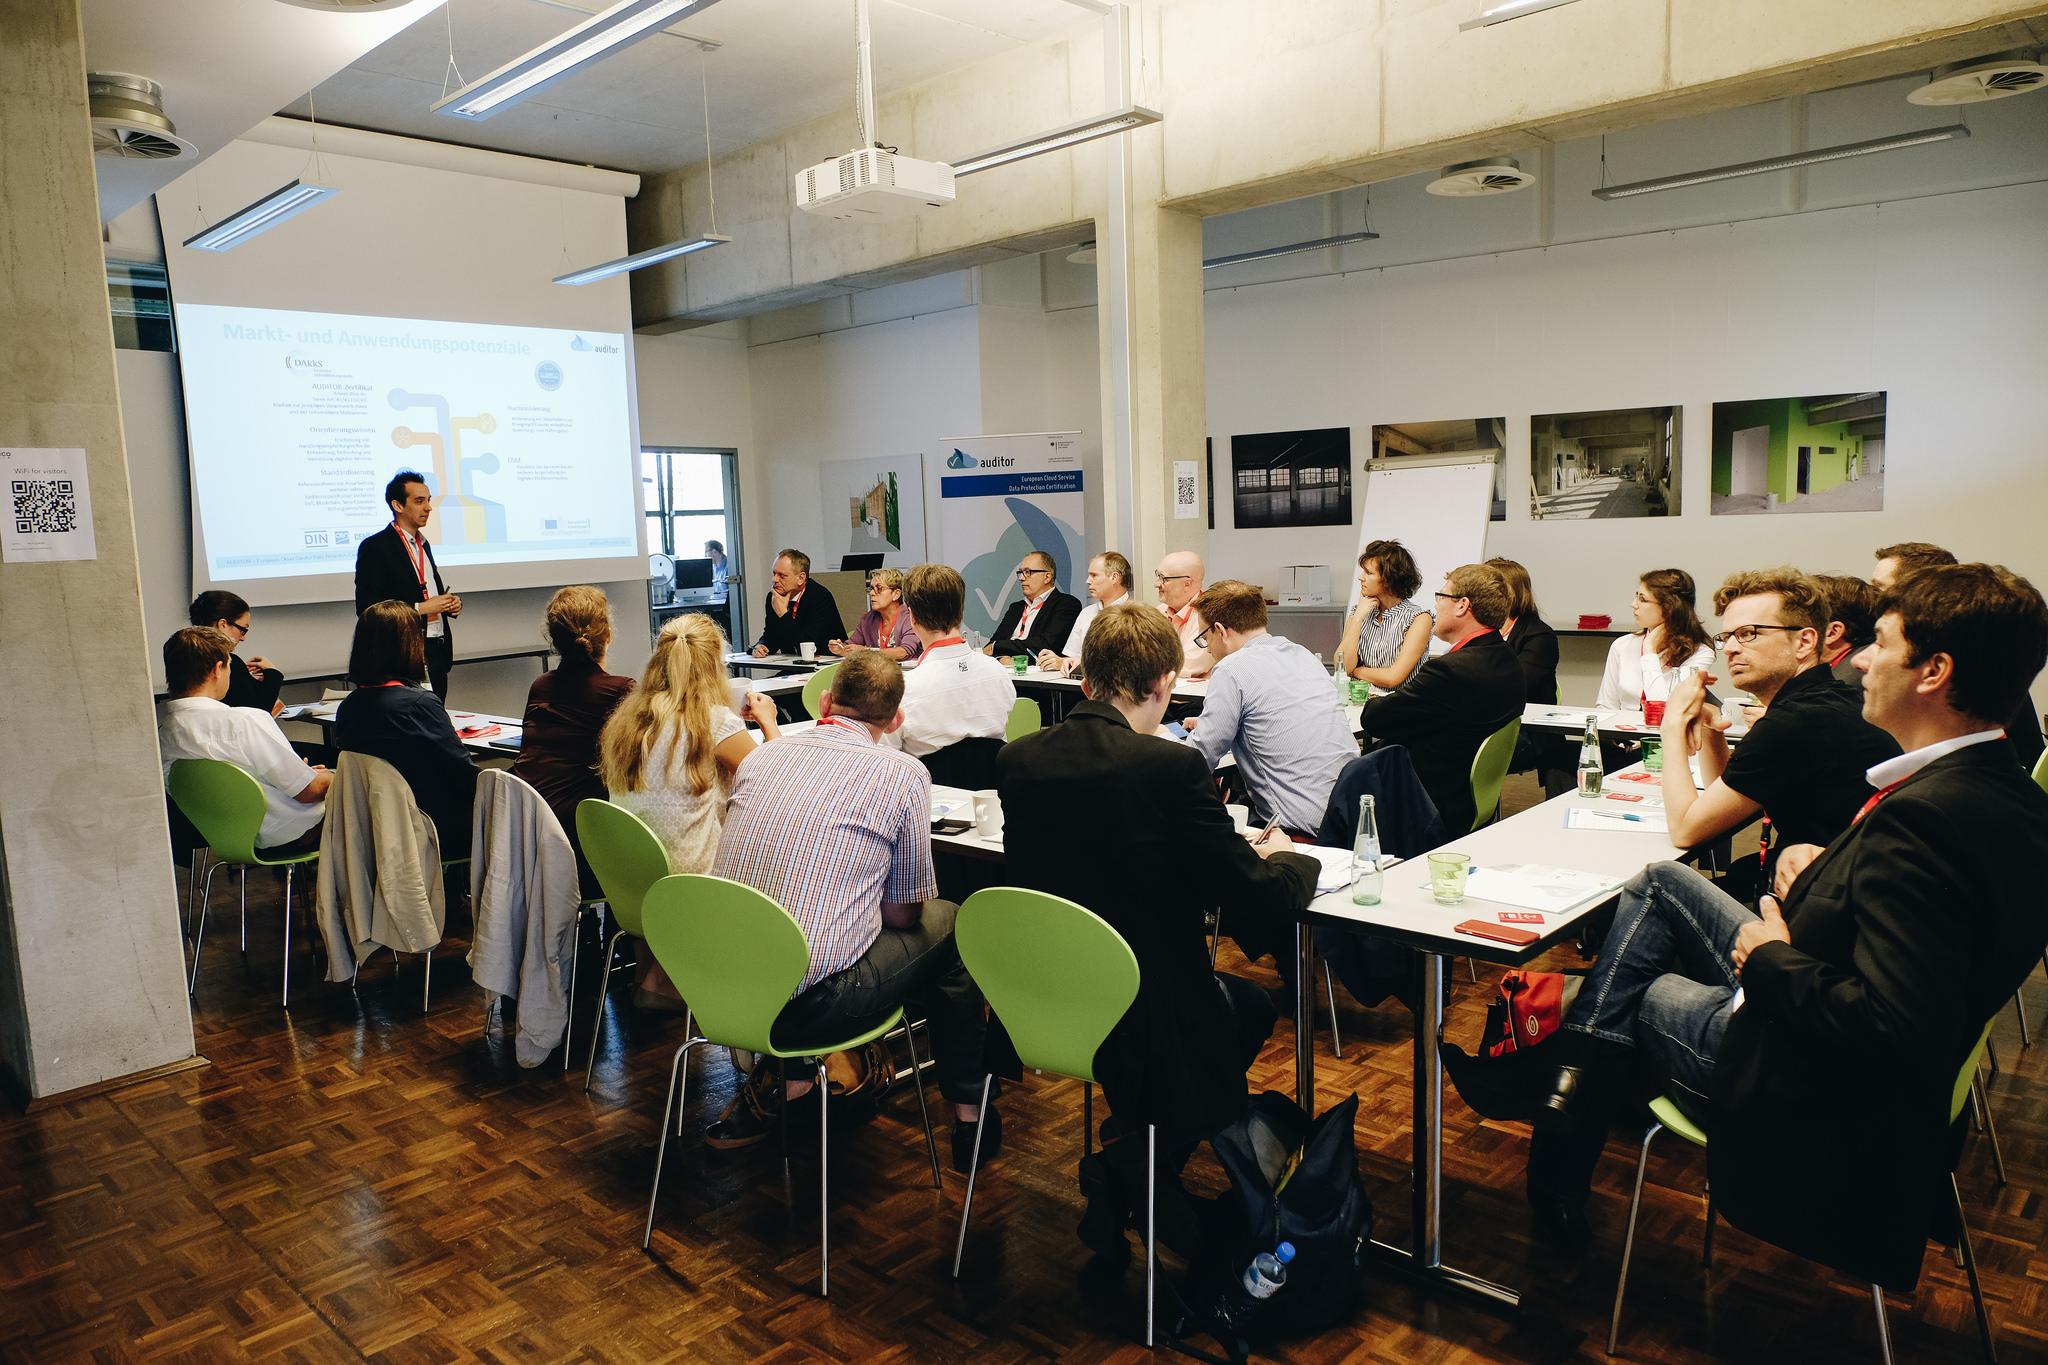 AUDITOR Workshop: Ergebnisse zur praxisgerechten Umsetzung der EU DSGVO